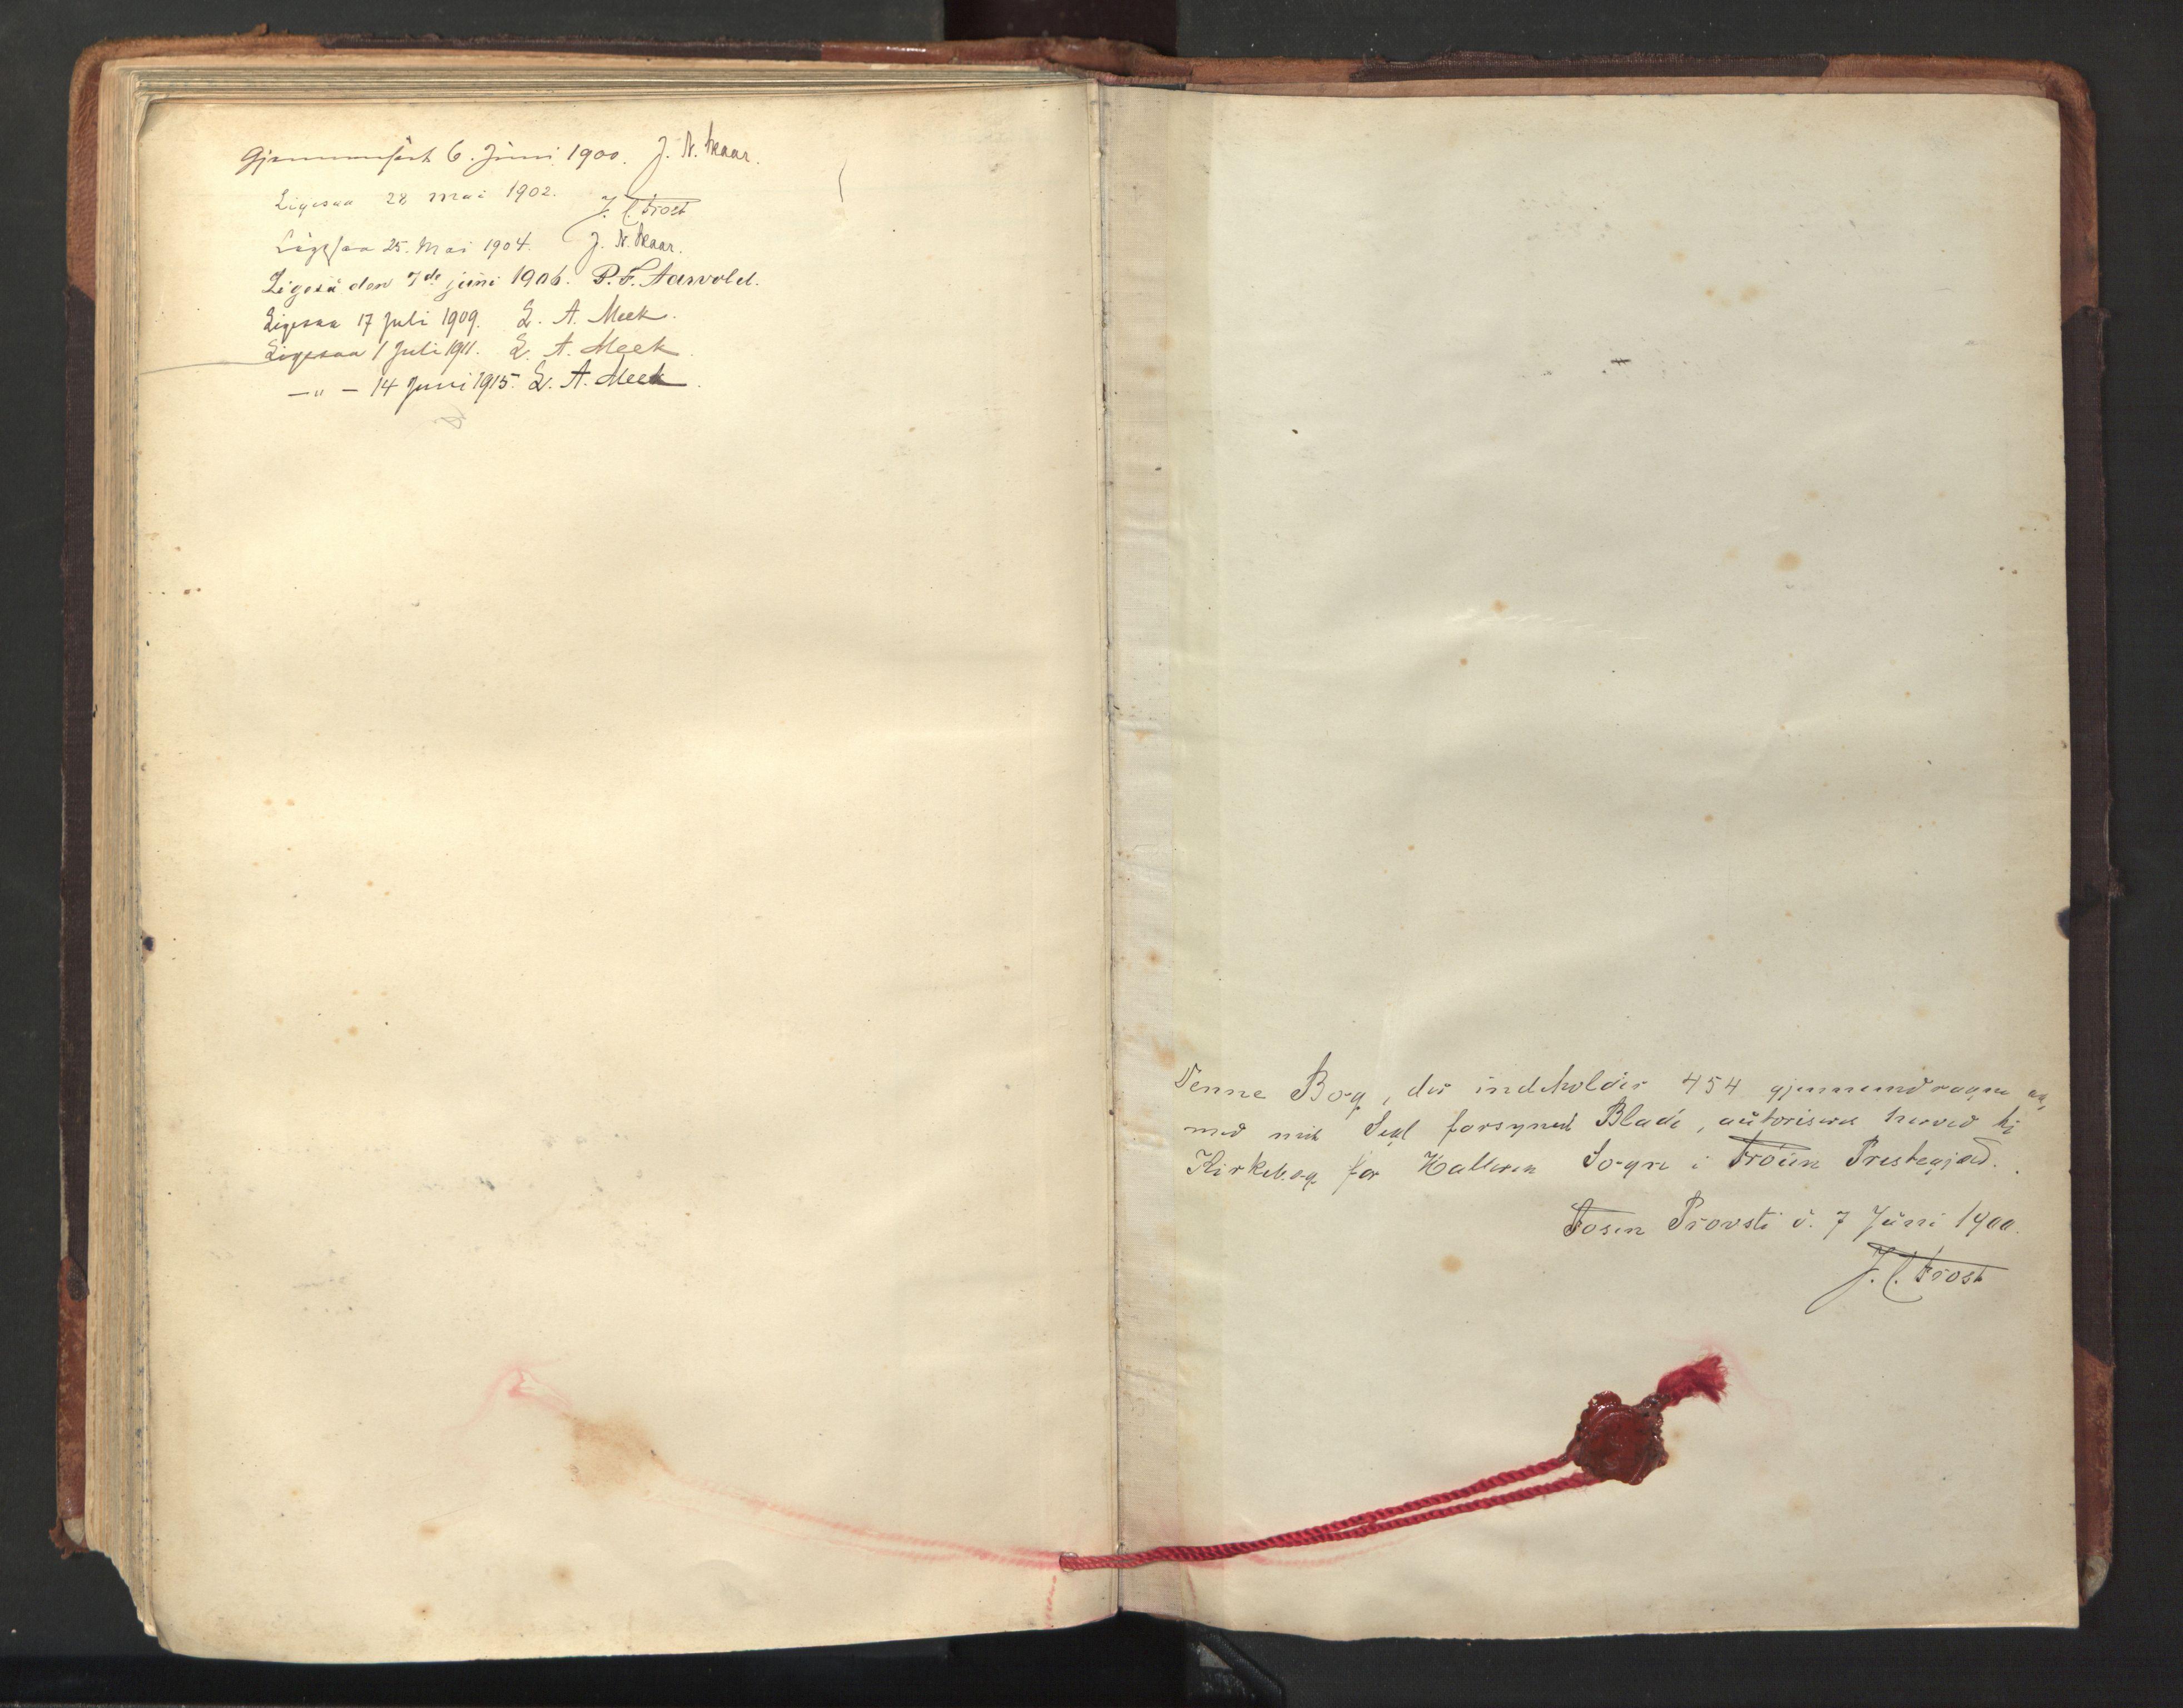 SAT, Ministerialprotokoller, klokkerbøker og fødselsregistre - Sør-Trøndelag, 641/L0596: Ministerialbok nr. 641A02, 1898-1915